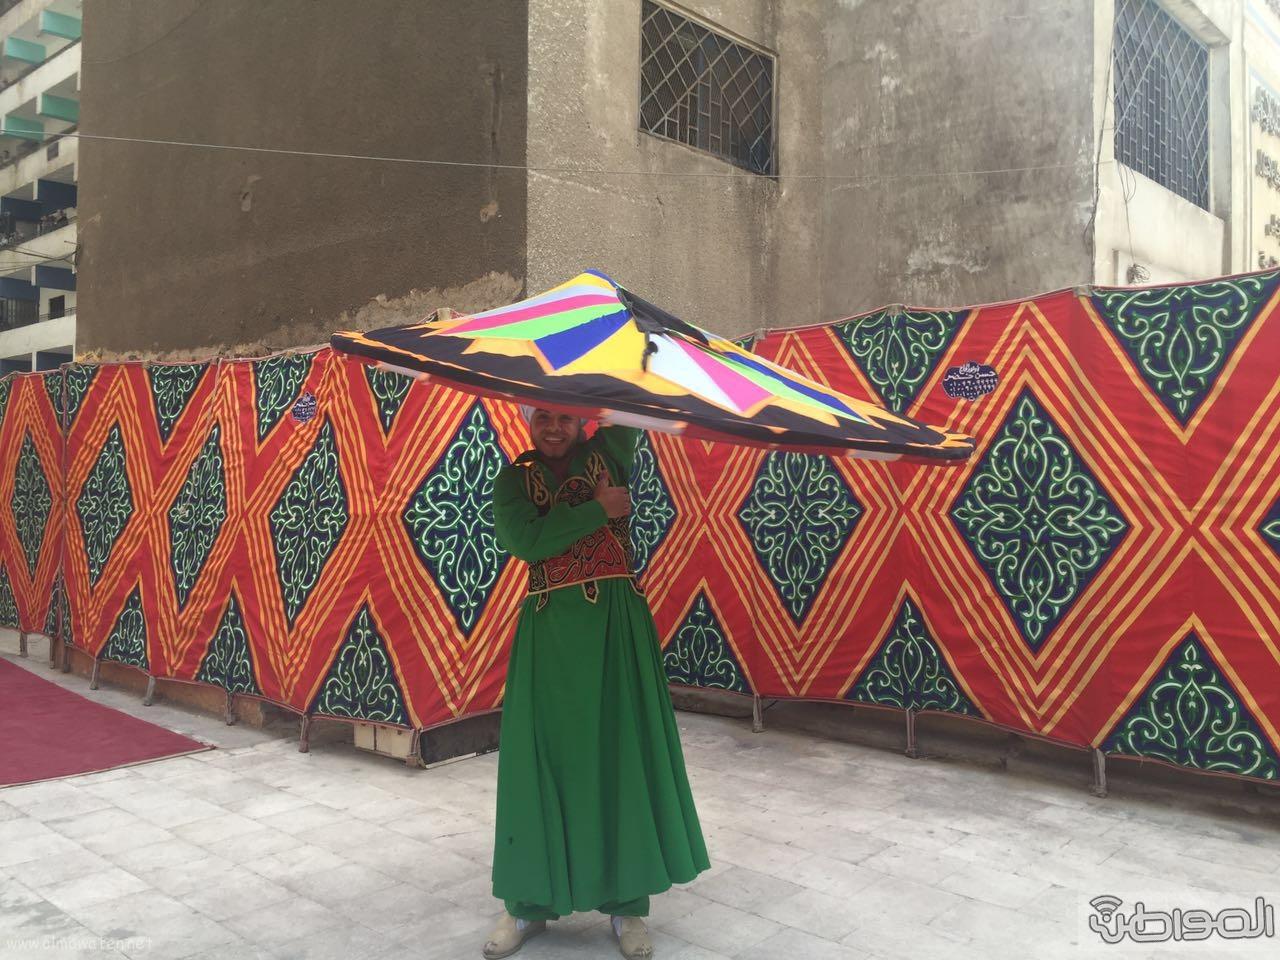 زيارة الوفد الاعلامي السعودي لقصور الثقافة بالقاهرة (4)